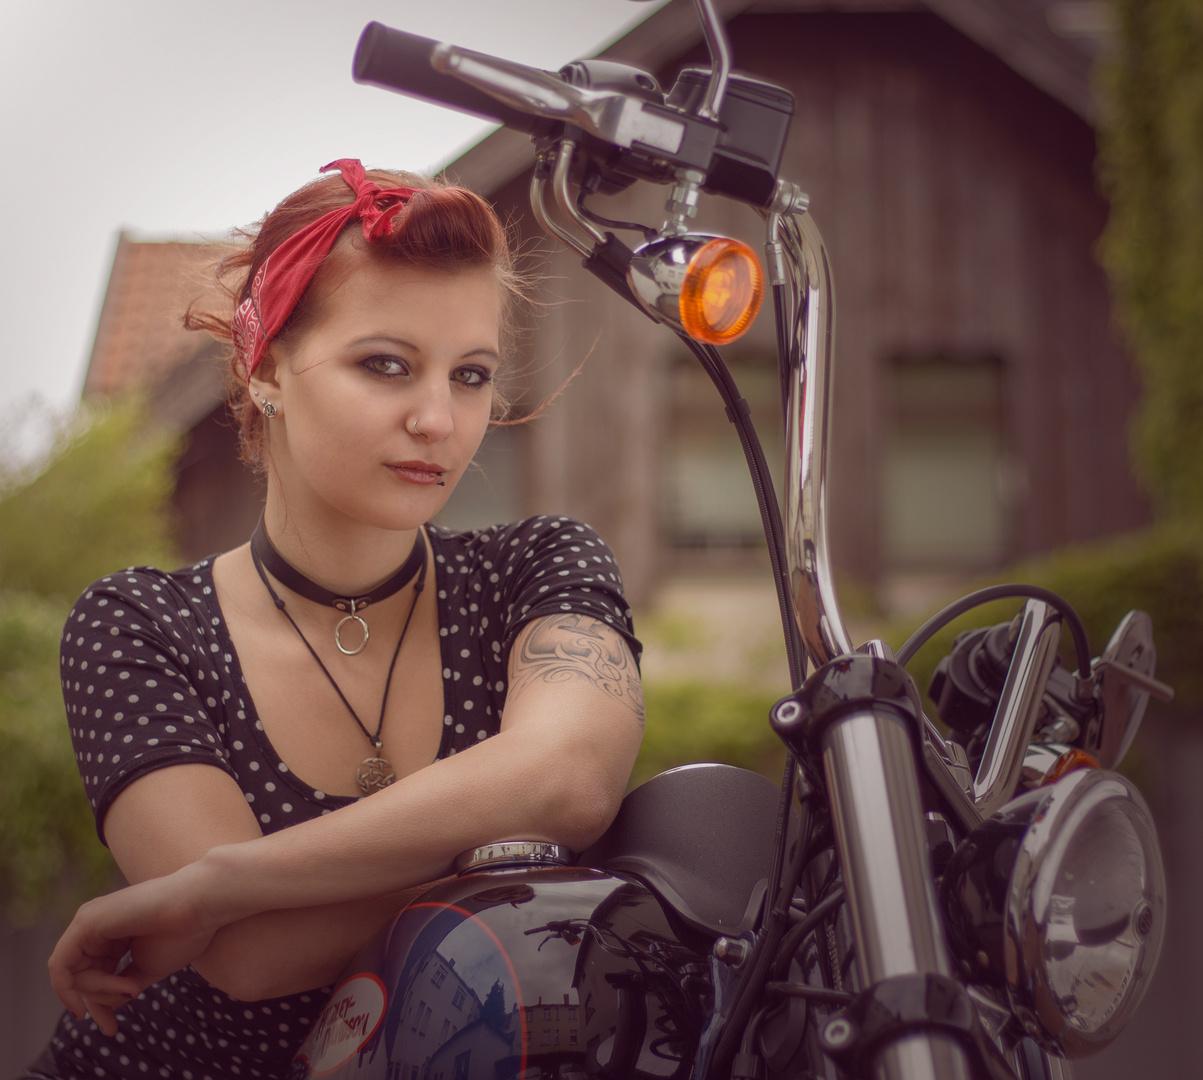 Tattoos & Bikes 2